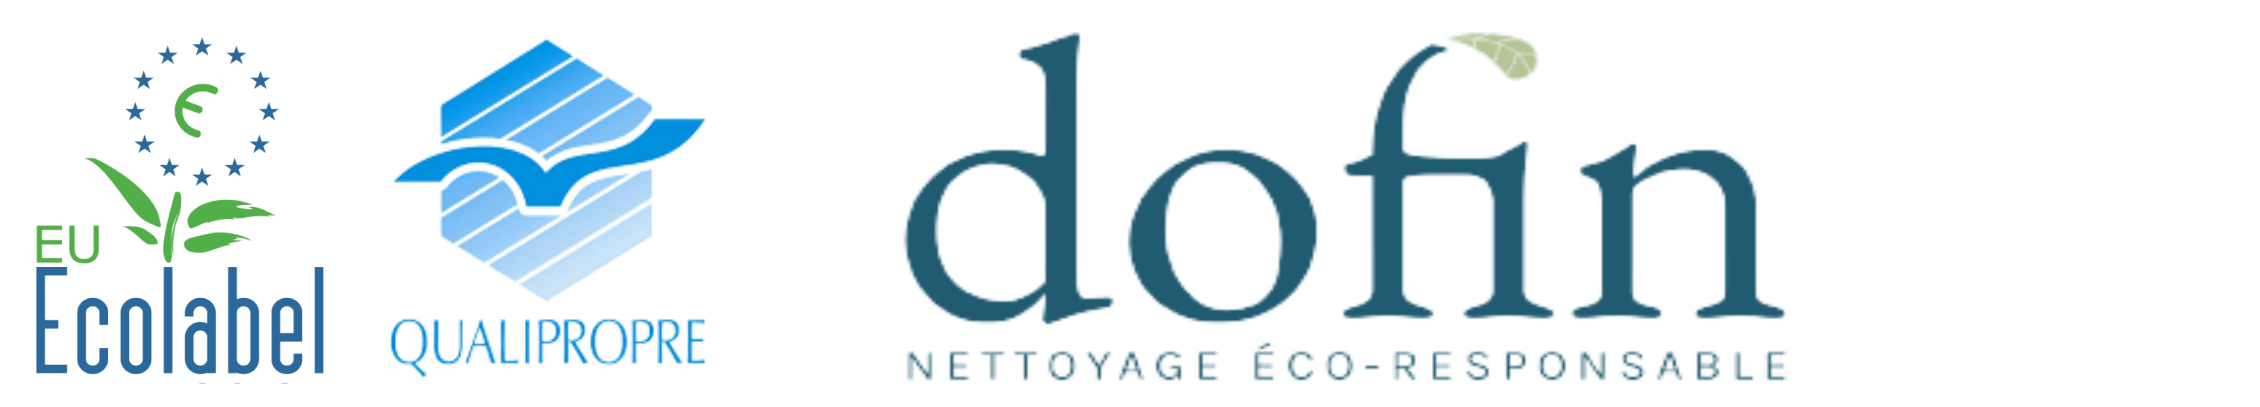 logo nettoyage et désinfection